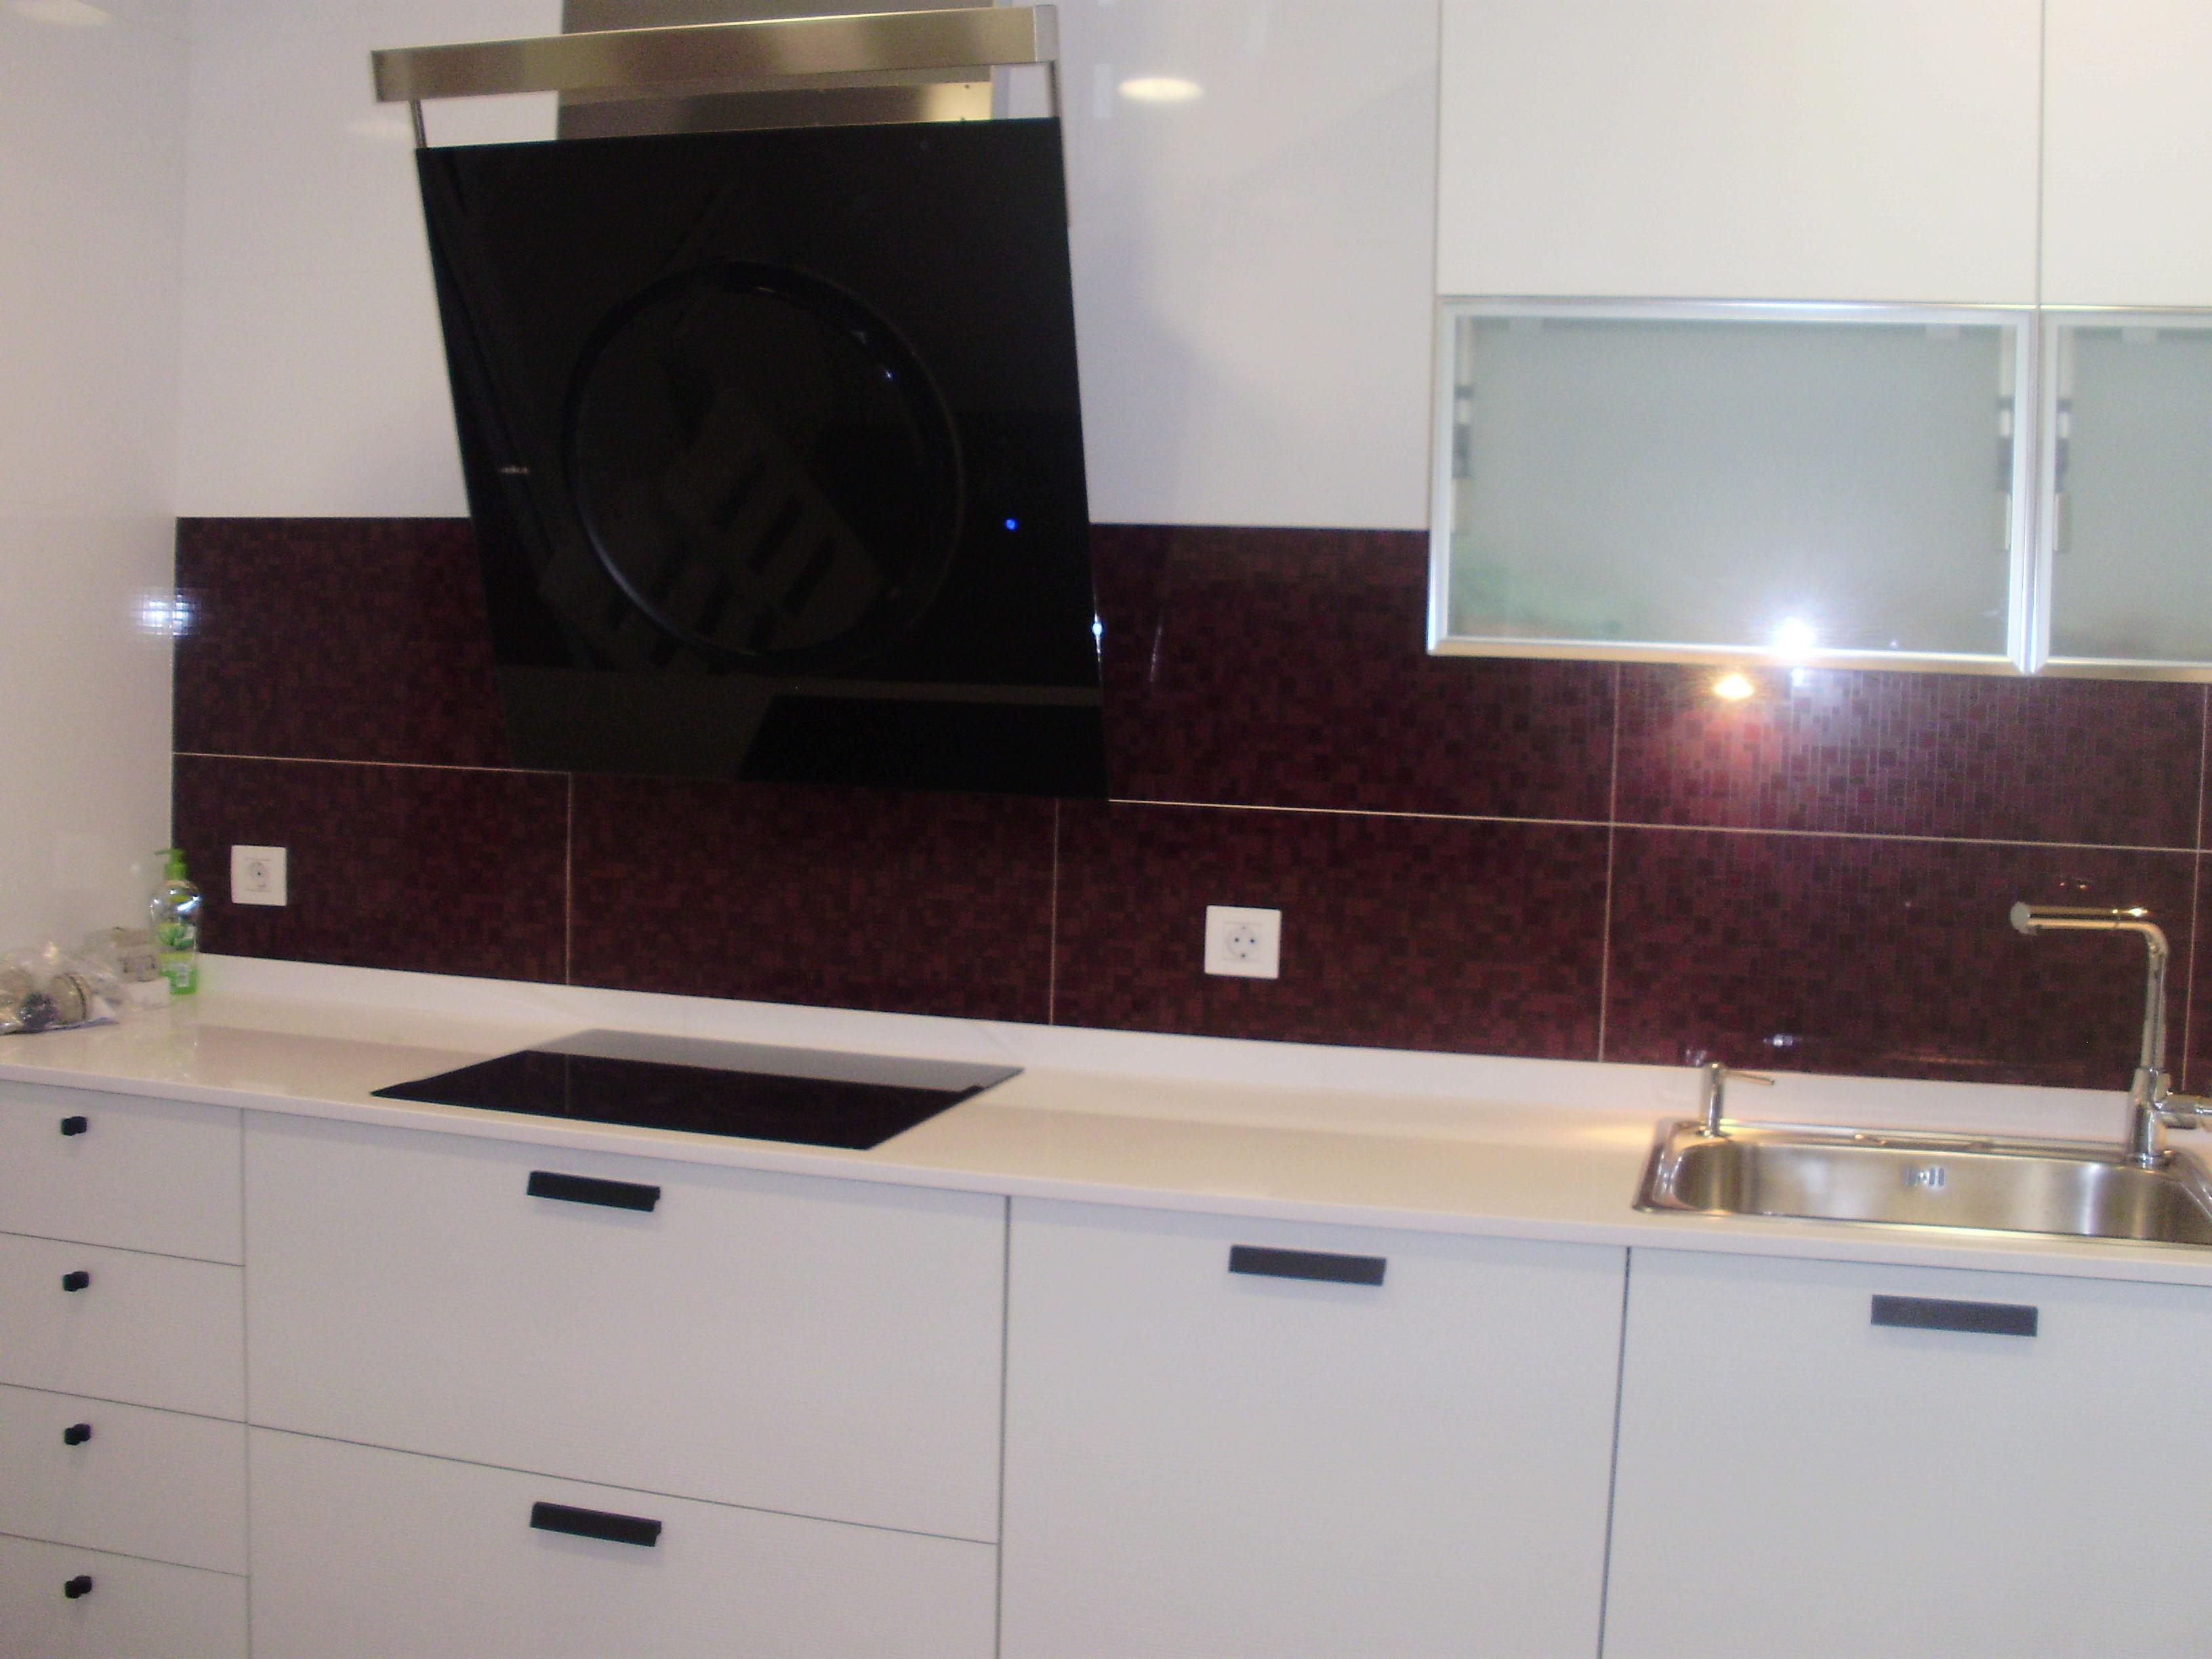 Instalar campana extractor en cocina servicios y - Muebles teka barcelona ...